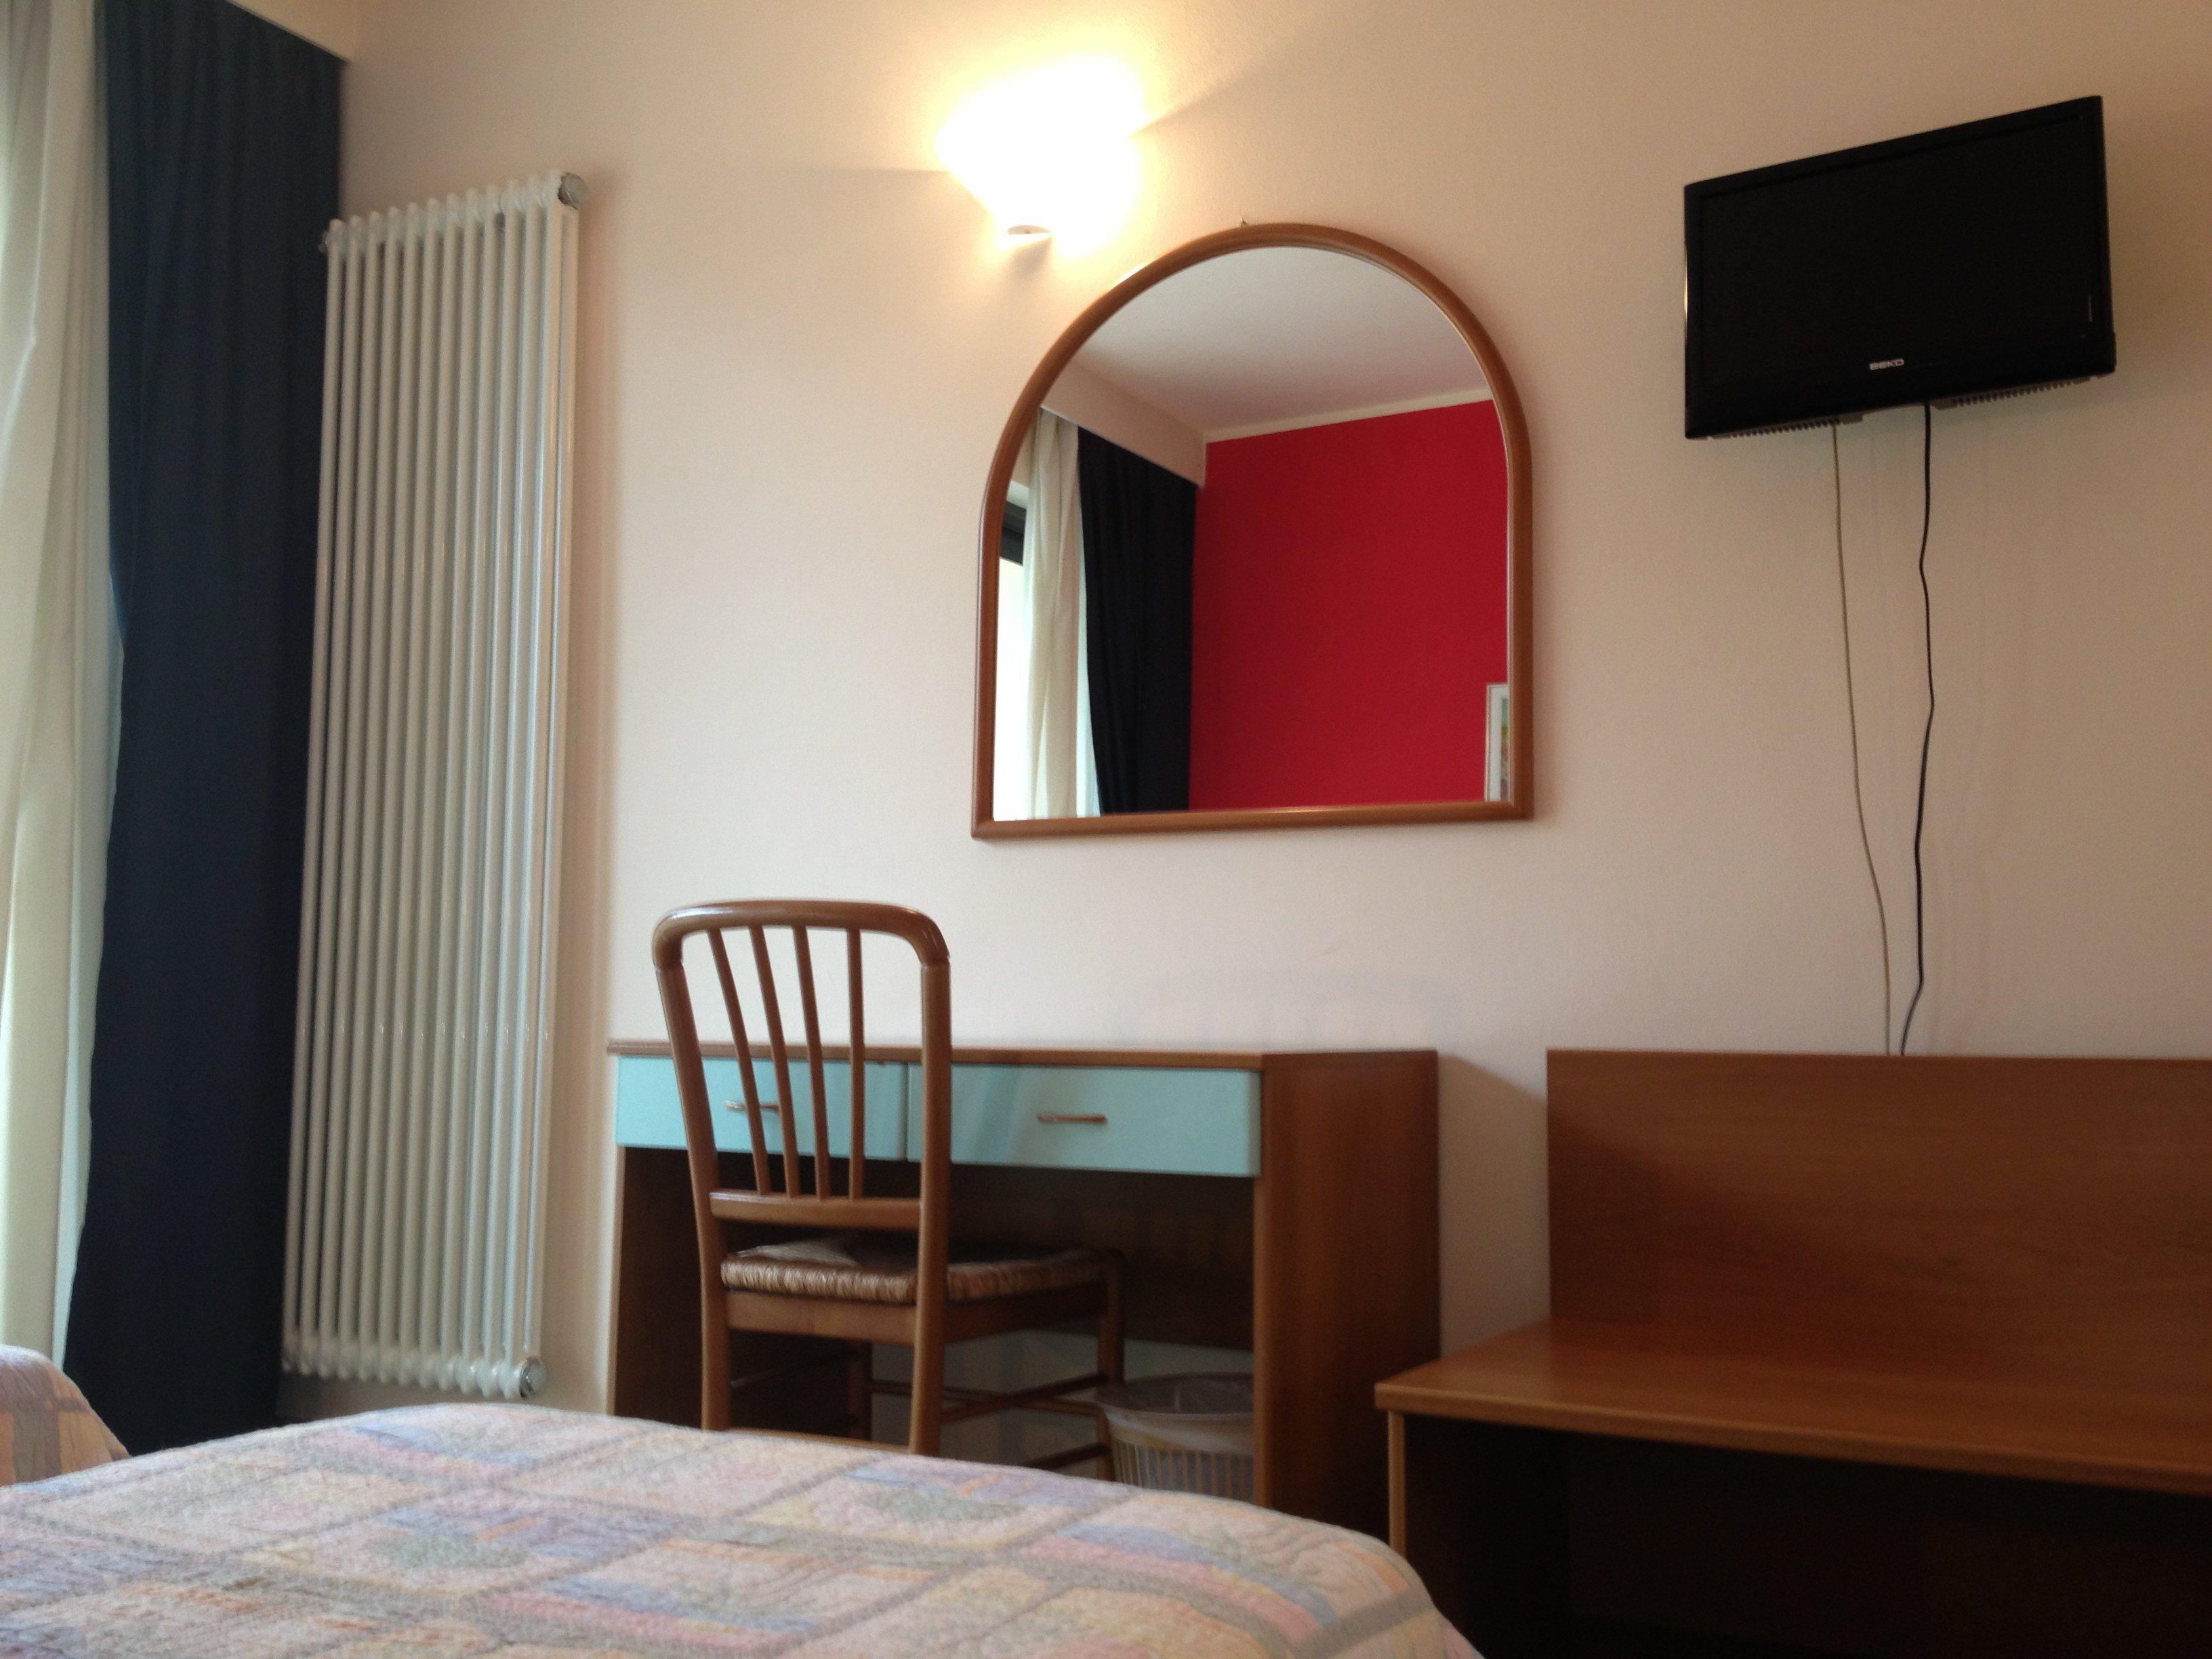 Visione di camera con scrivania, una sedia e uno specchio